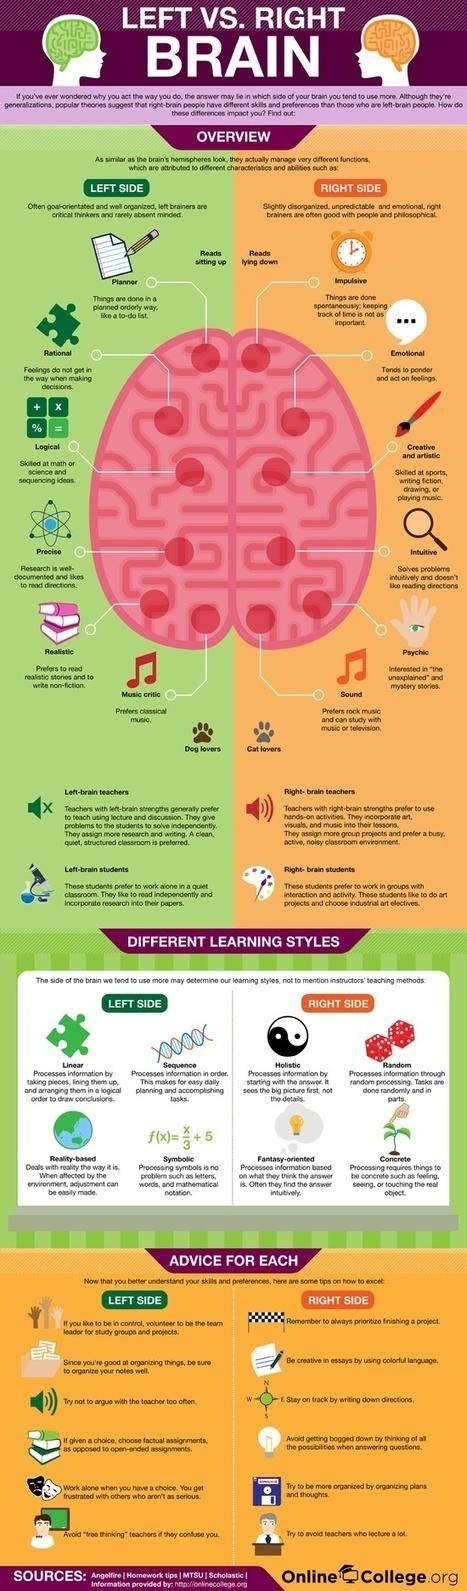 Left Brain vs. Right Brain | Tomorrow's Web and Techno | Scoop.it